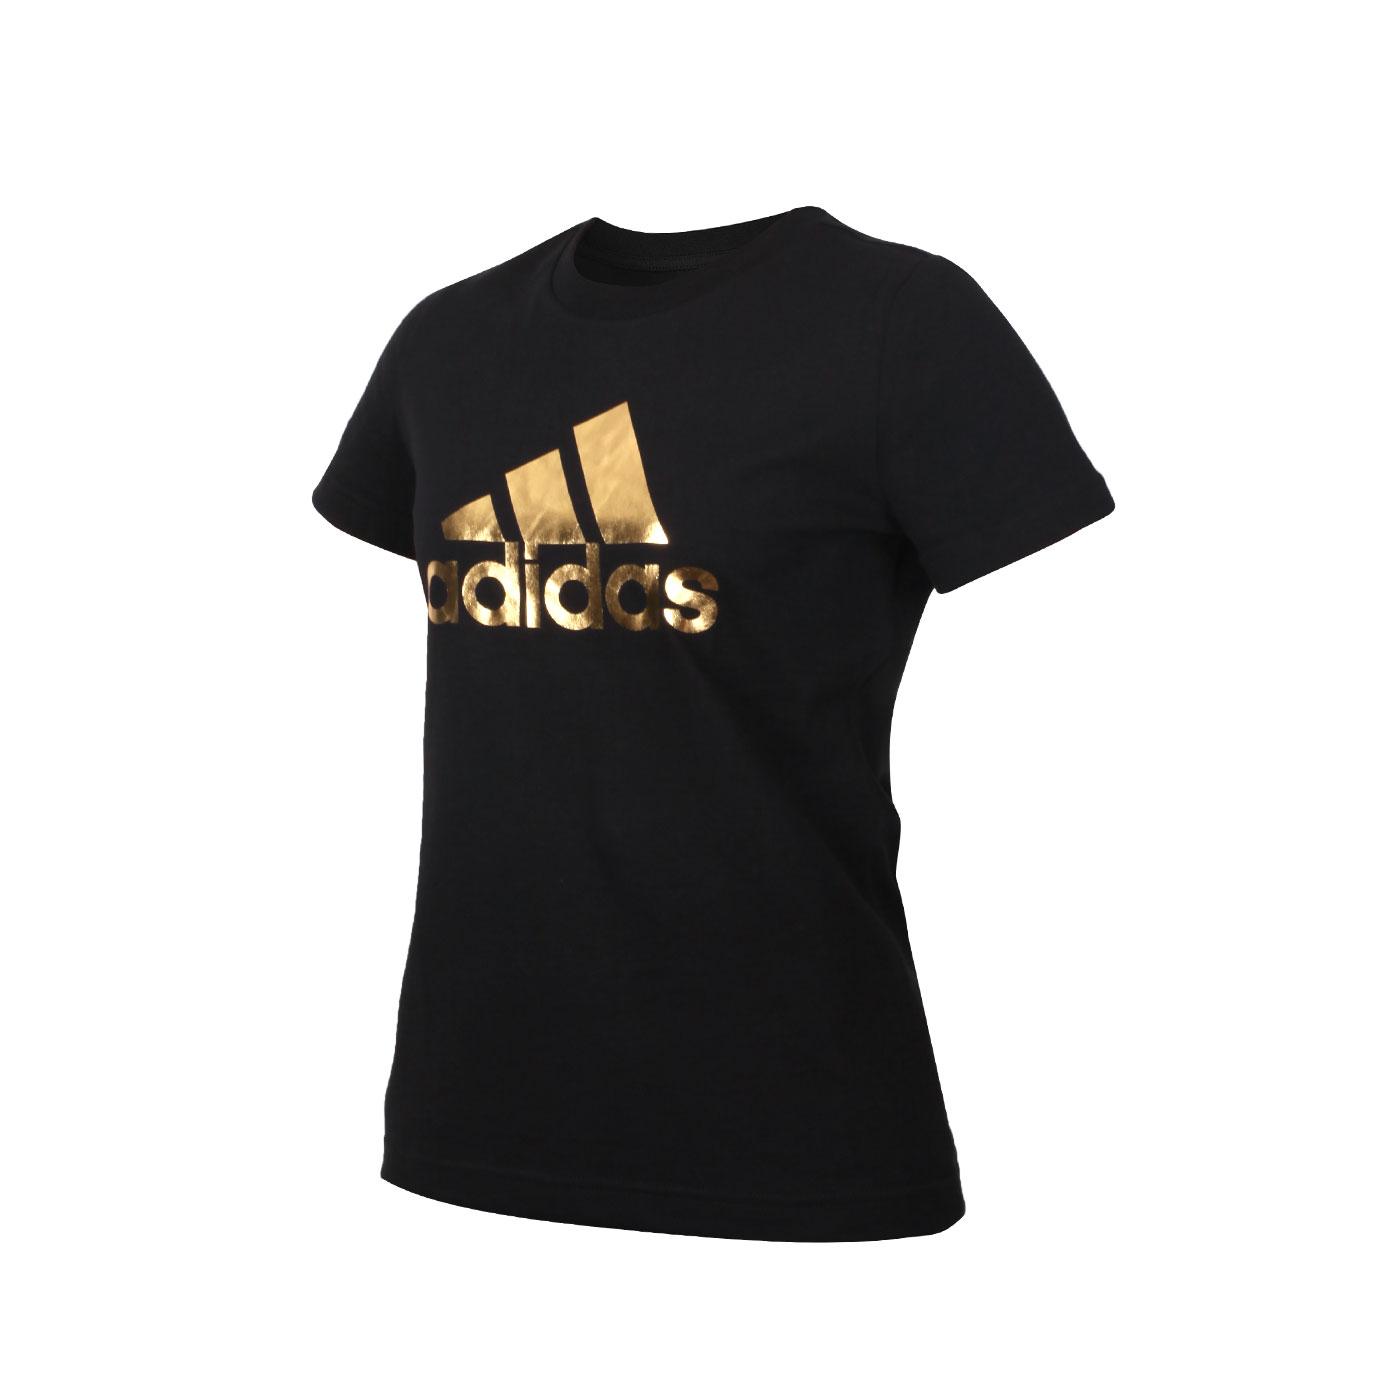 ADIDAS 女款短袖T恤 GI4768 - 黑金